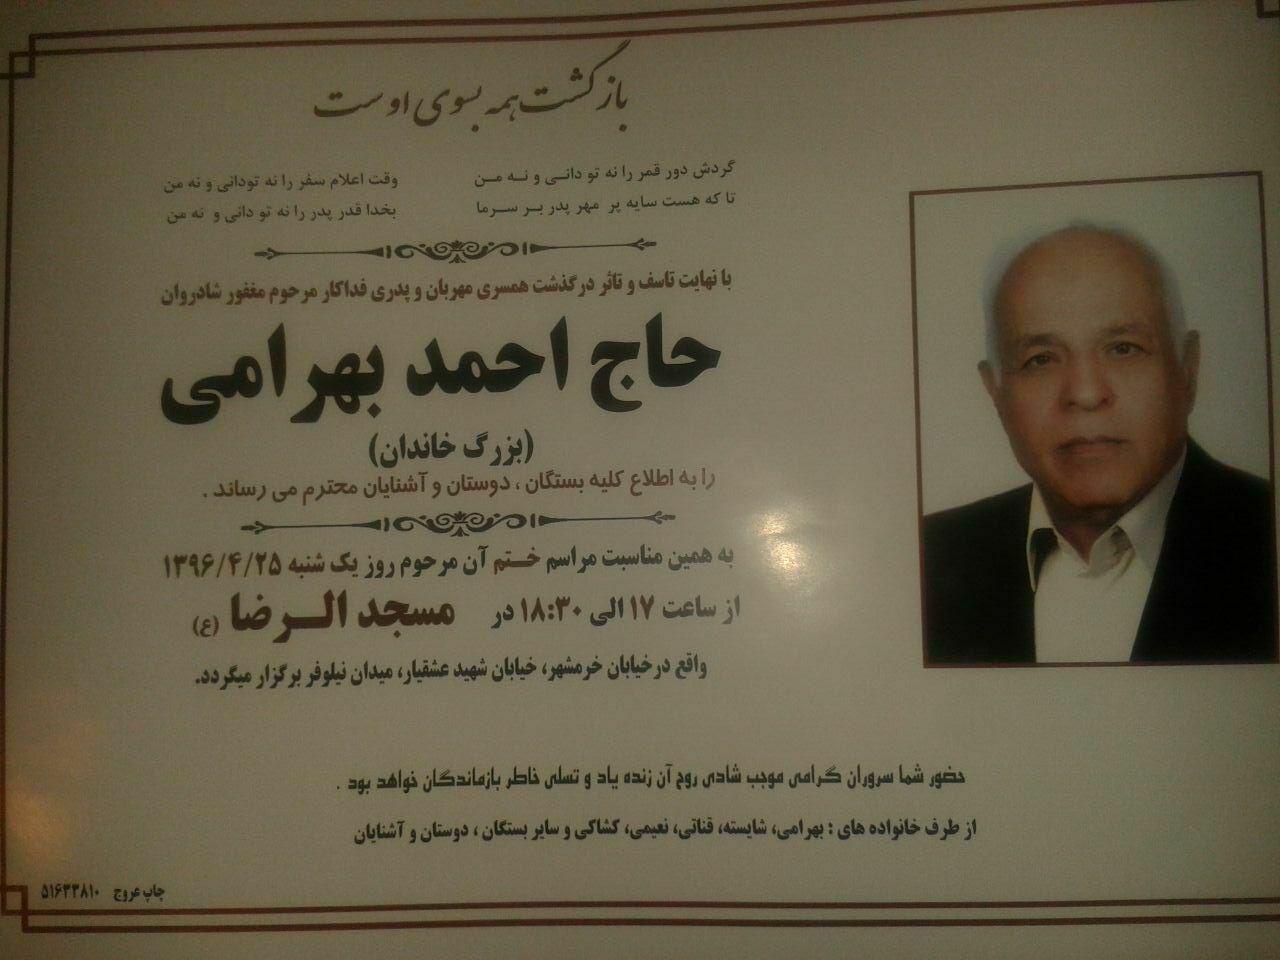 درگذشت حاج احمد بهرامی پدر ارجمند مدیر عامل گرامی وحید بهرامی را تسلیت می گوییم!